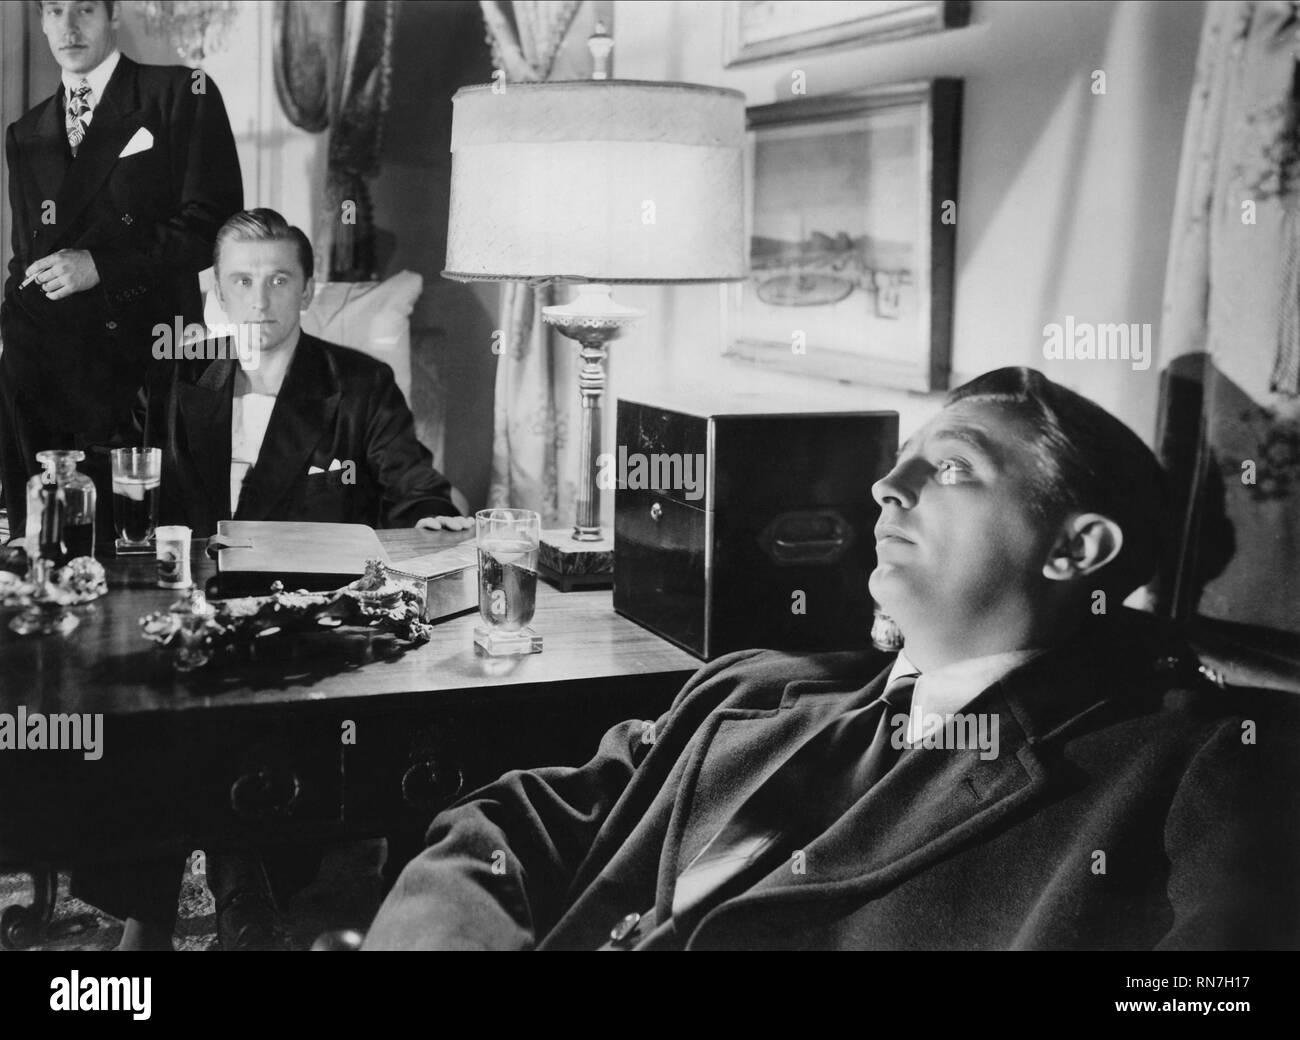 PAUL VALENTINE, Kirk Douglas, Robert Mitchum, AUS DER VERGANGENHEIT heraus, 1947 Stockbild